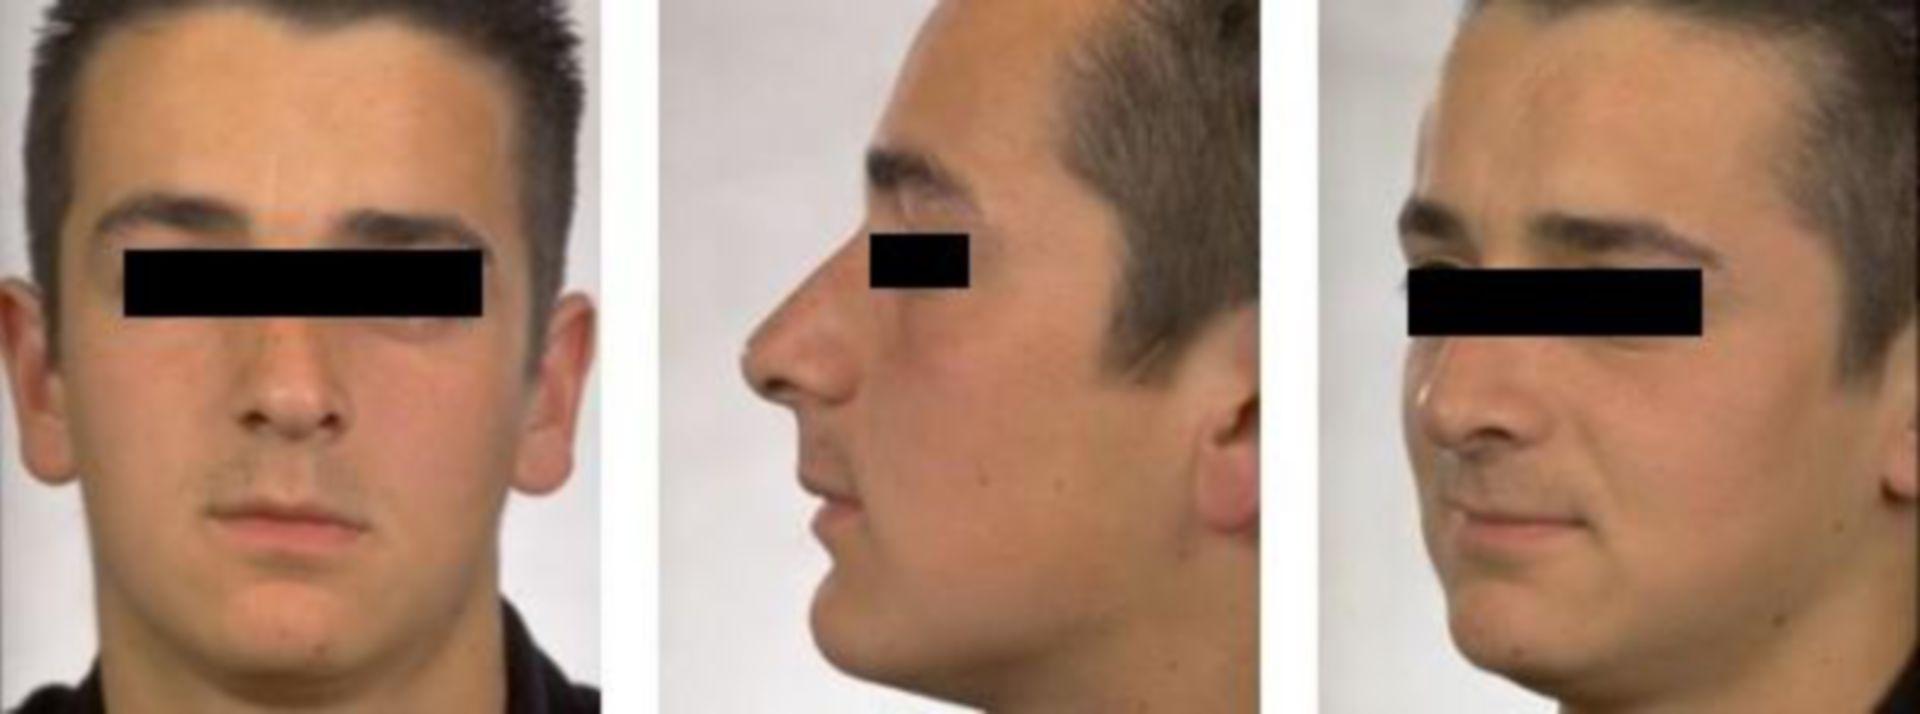 Nach Nasenkorrektur